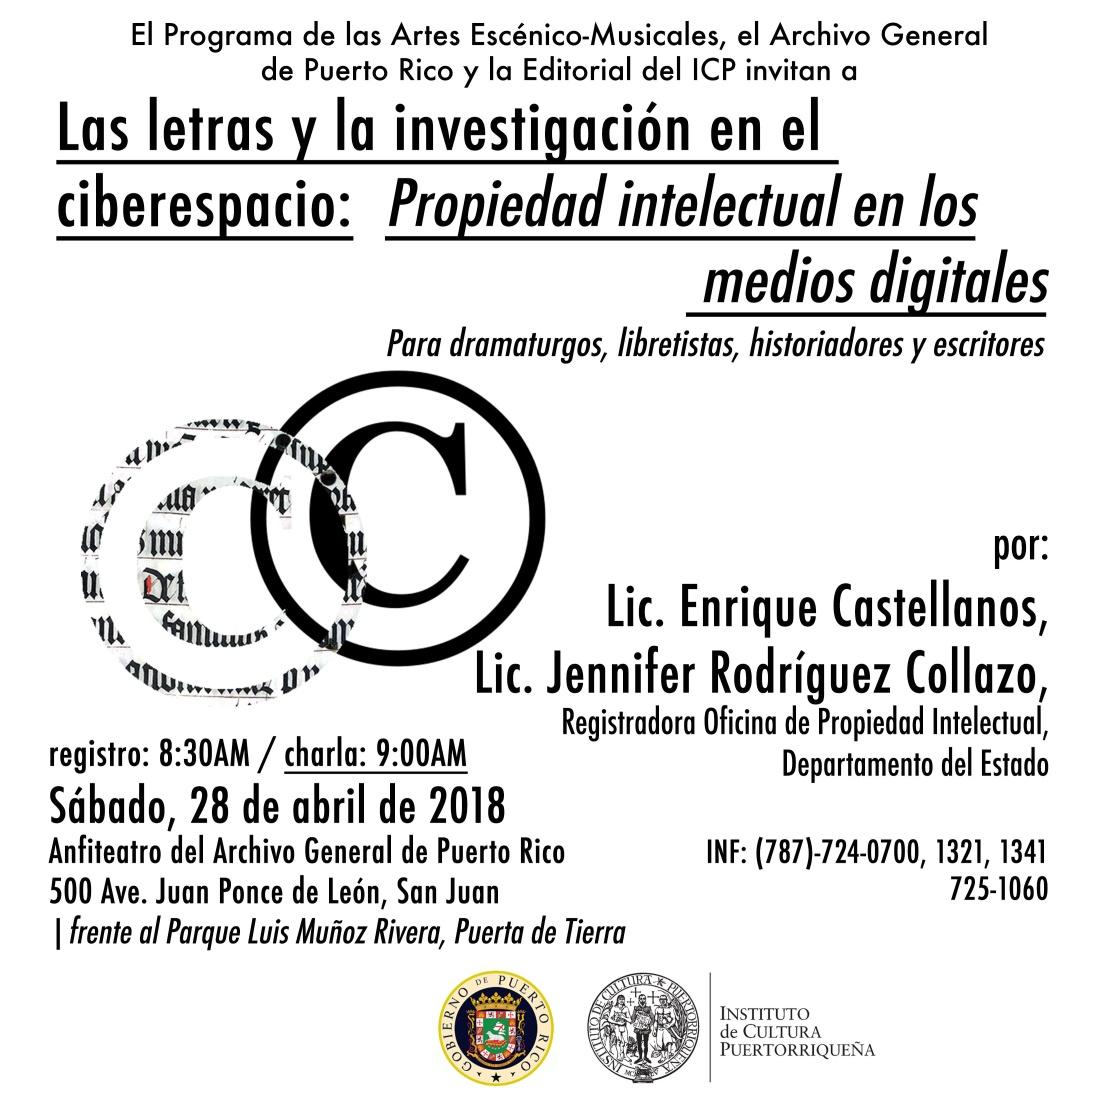 Las letras en el ciberespacio: propiedad intelectual en los medios digitales